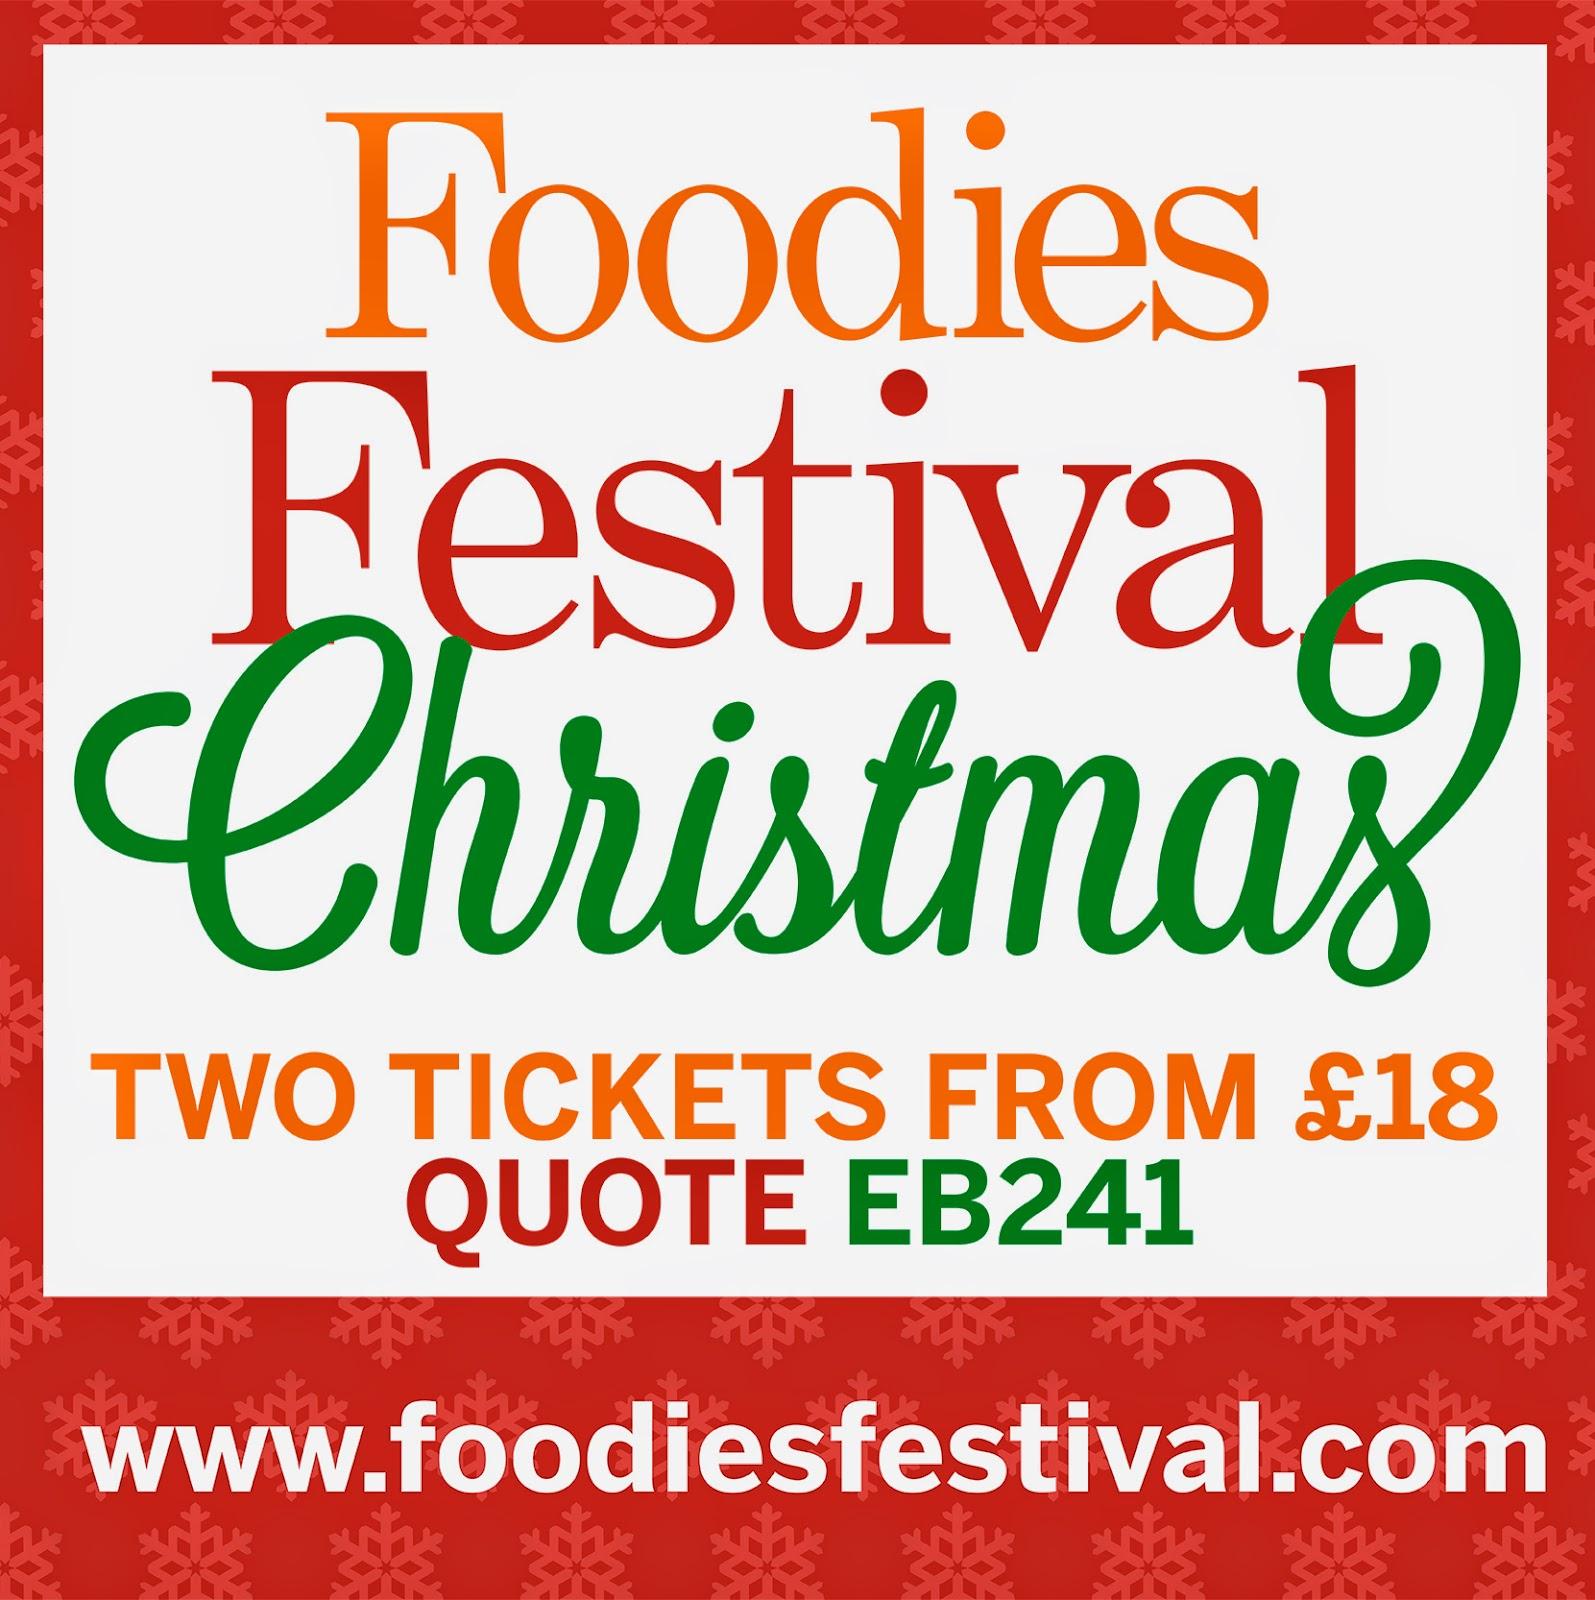 http://foodiesfestival.com/event/christmas/